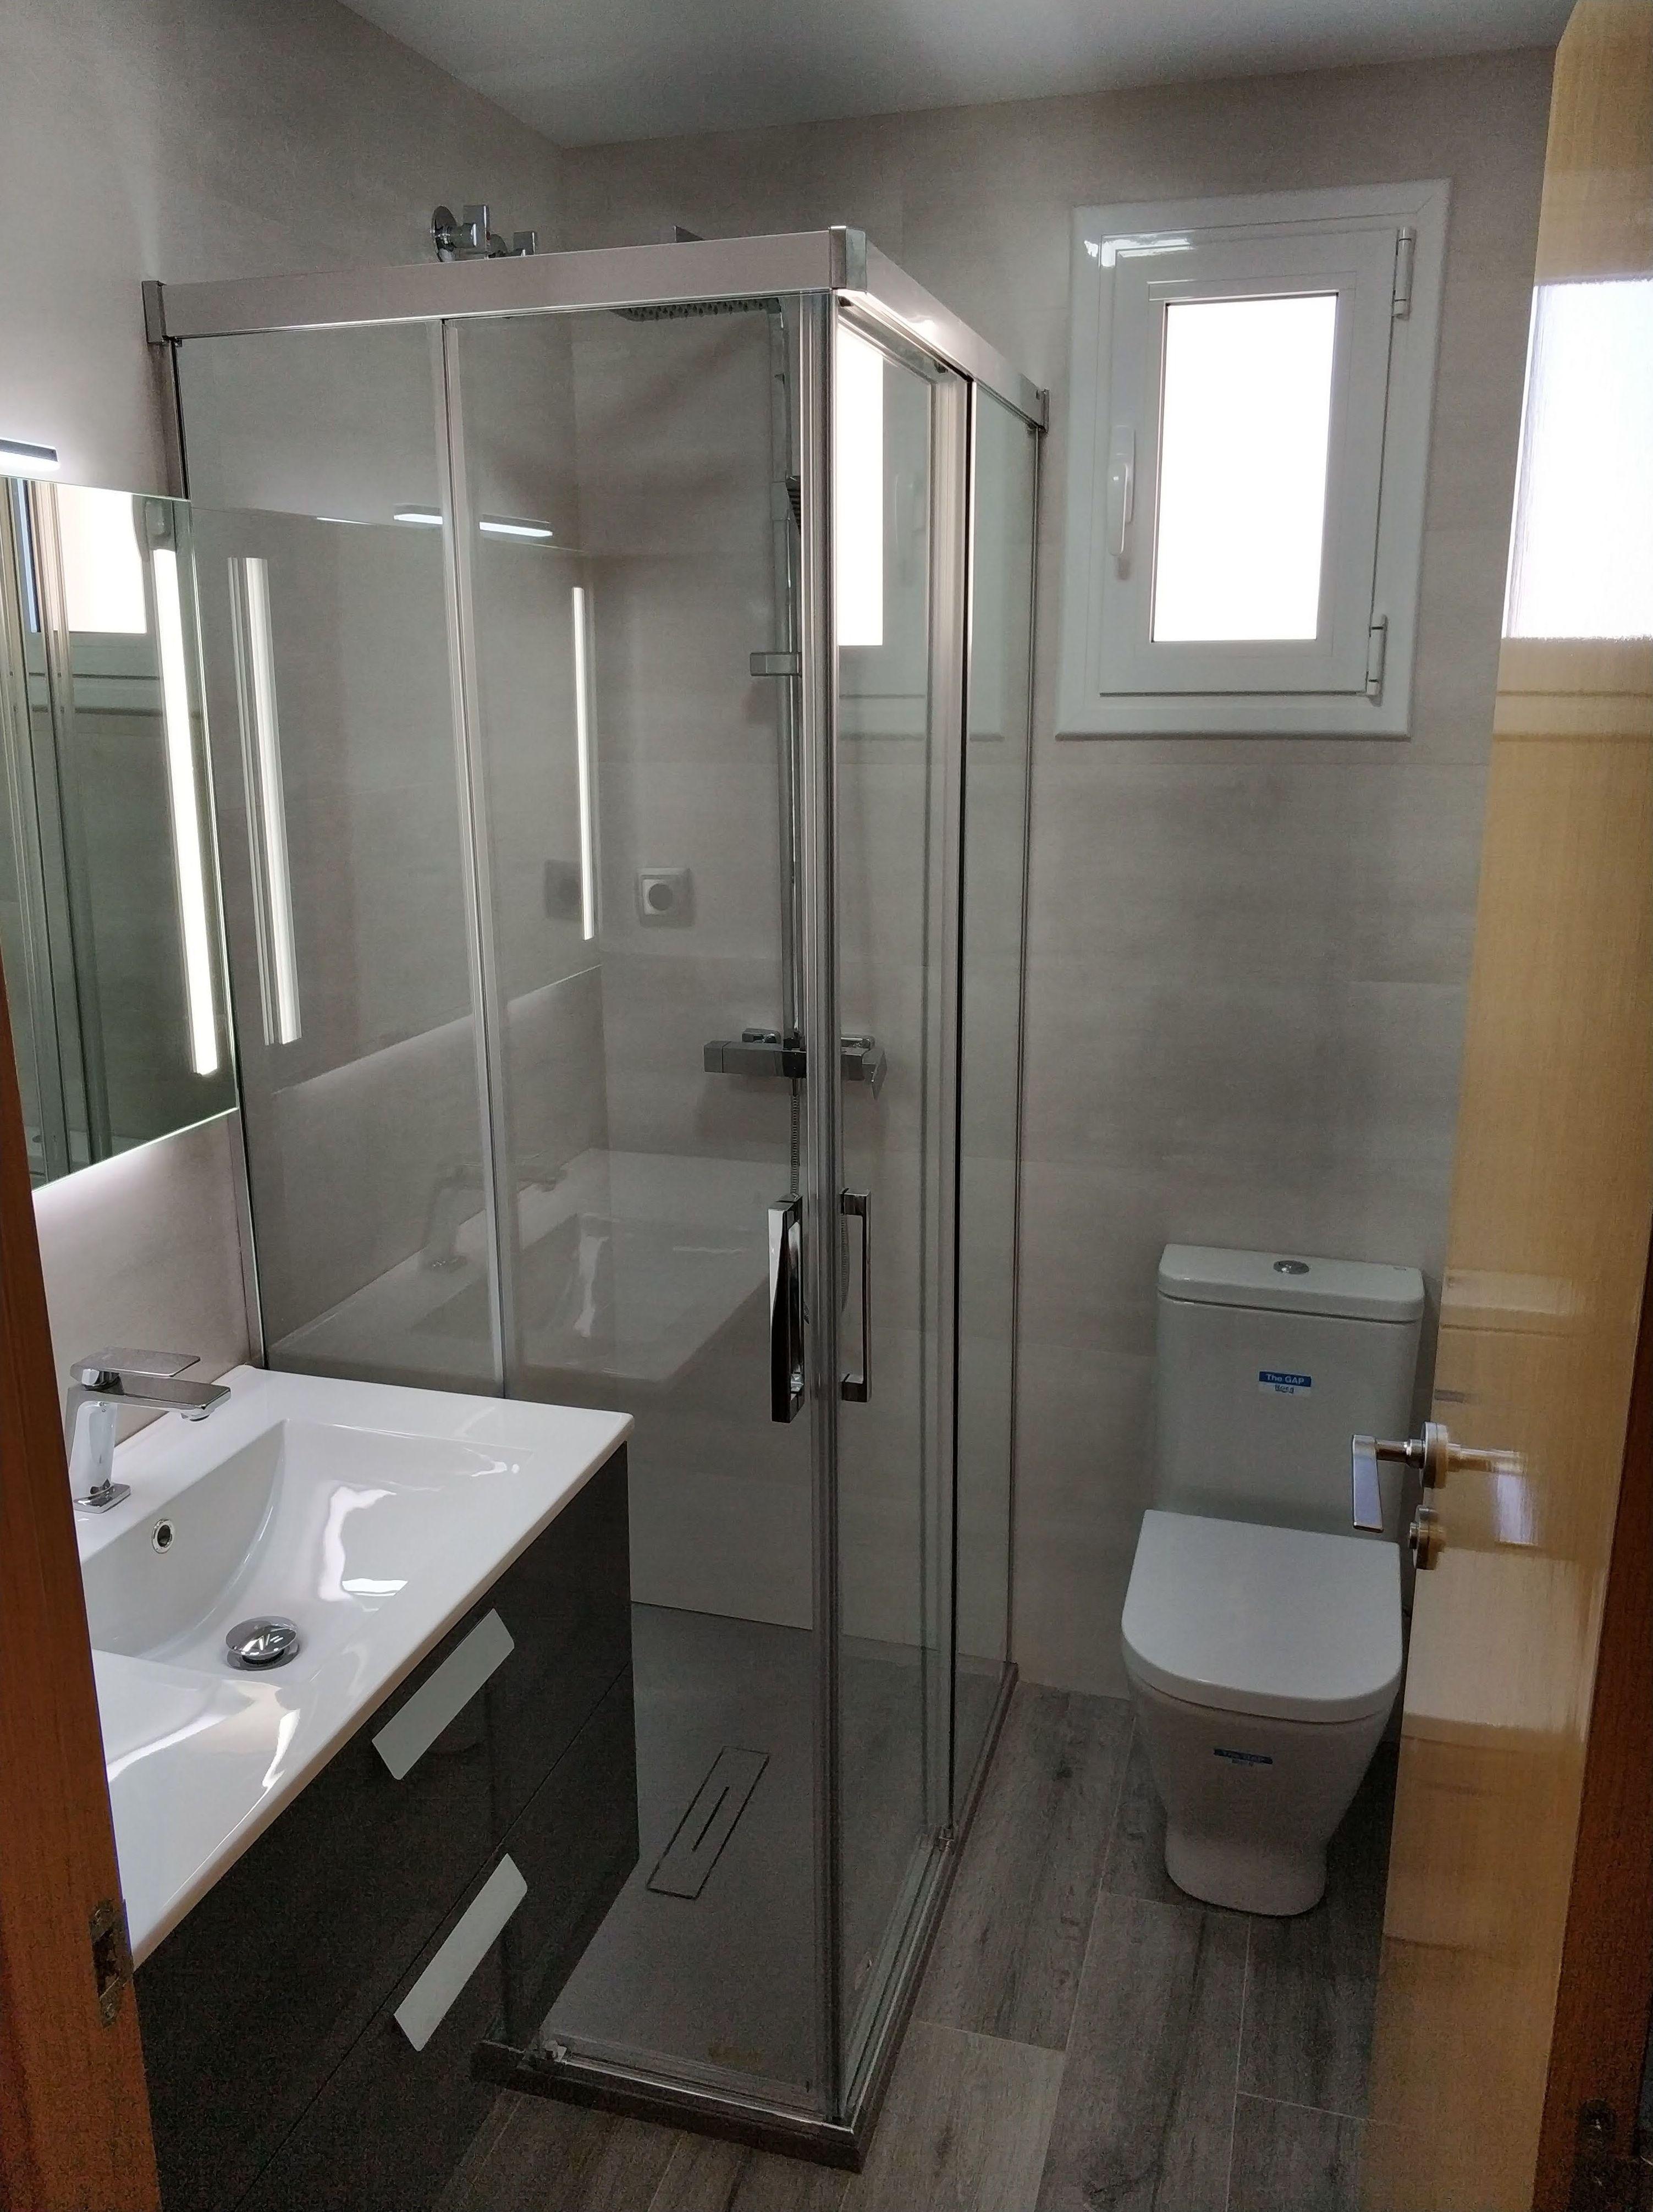 Cuarto de baño en Martorell Zona Bobilas